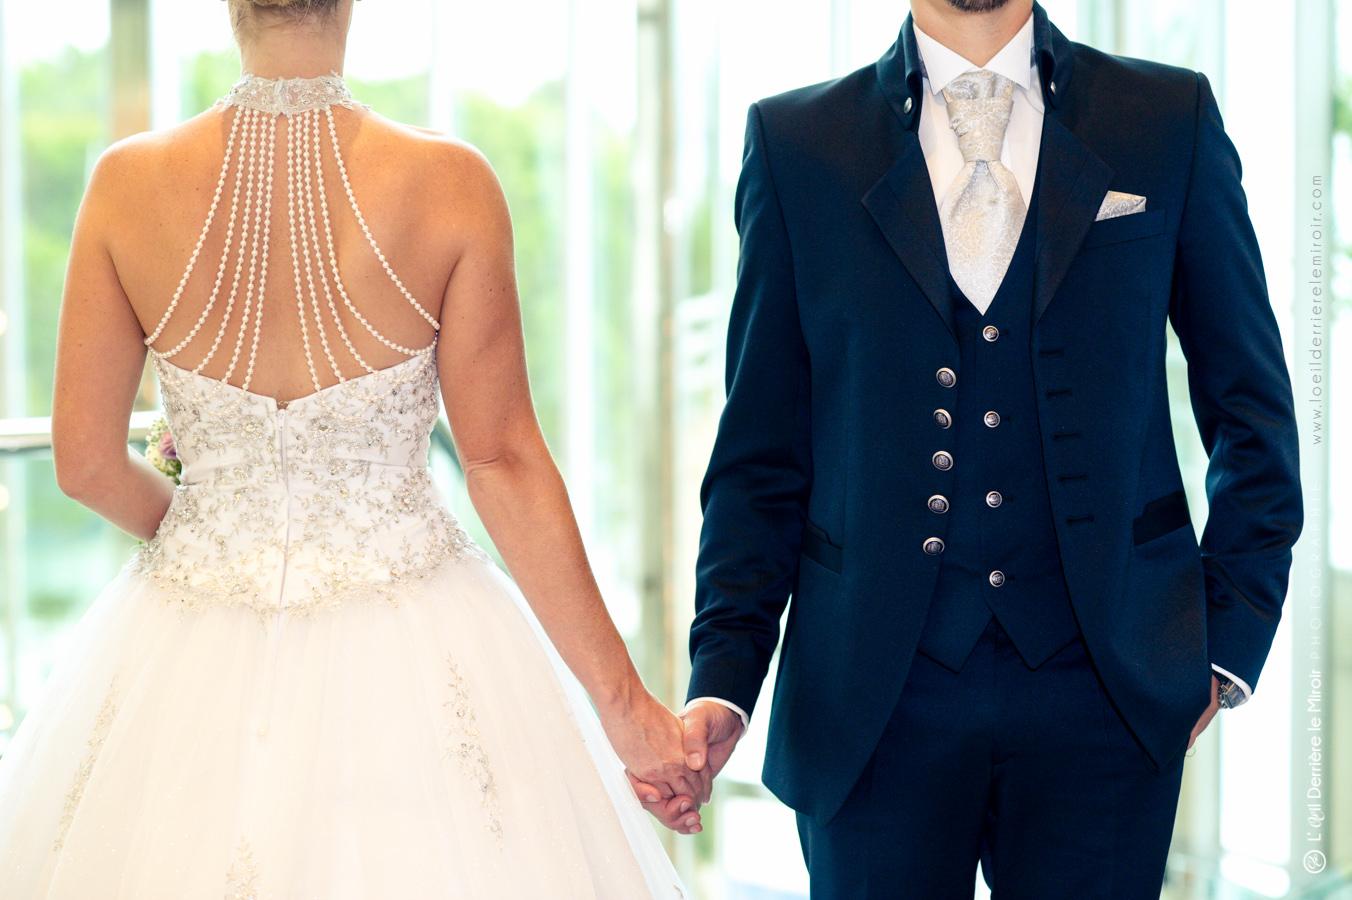 Photographe-mariage-monaco-loeilderrierelemiroir-064